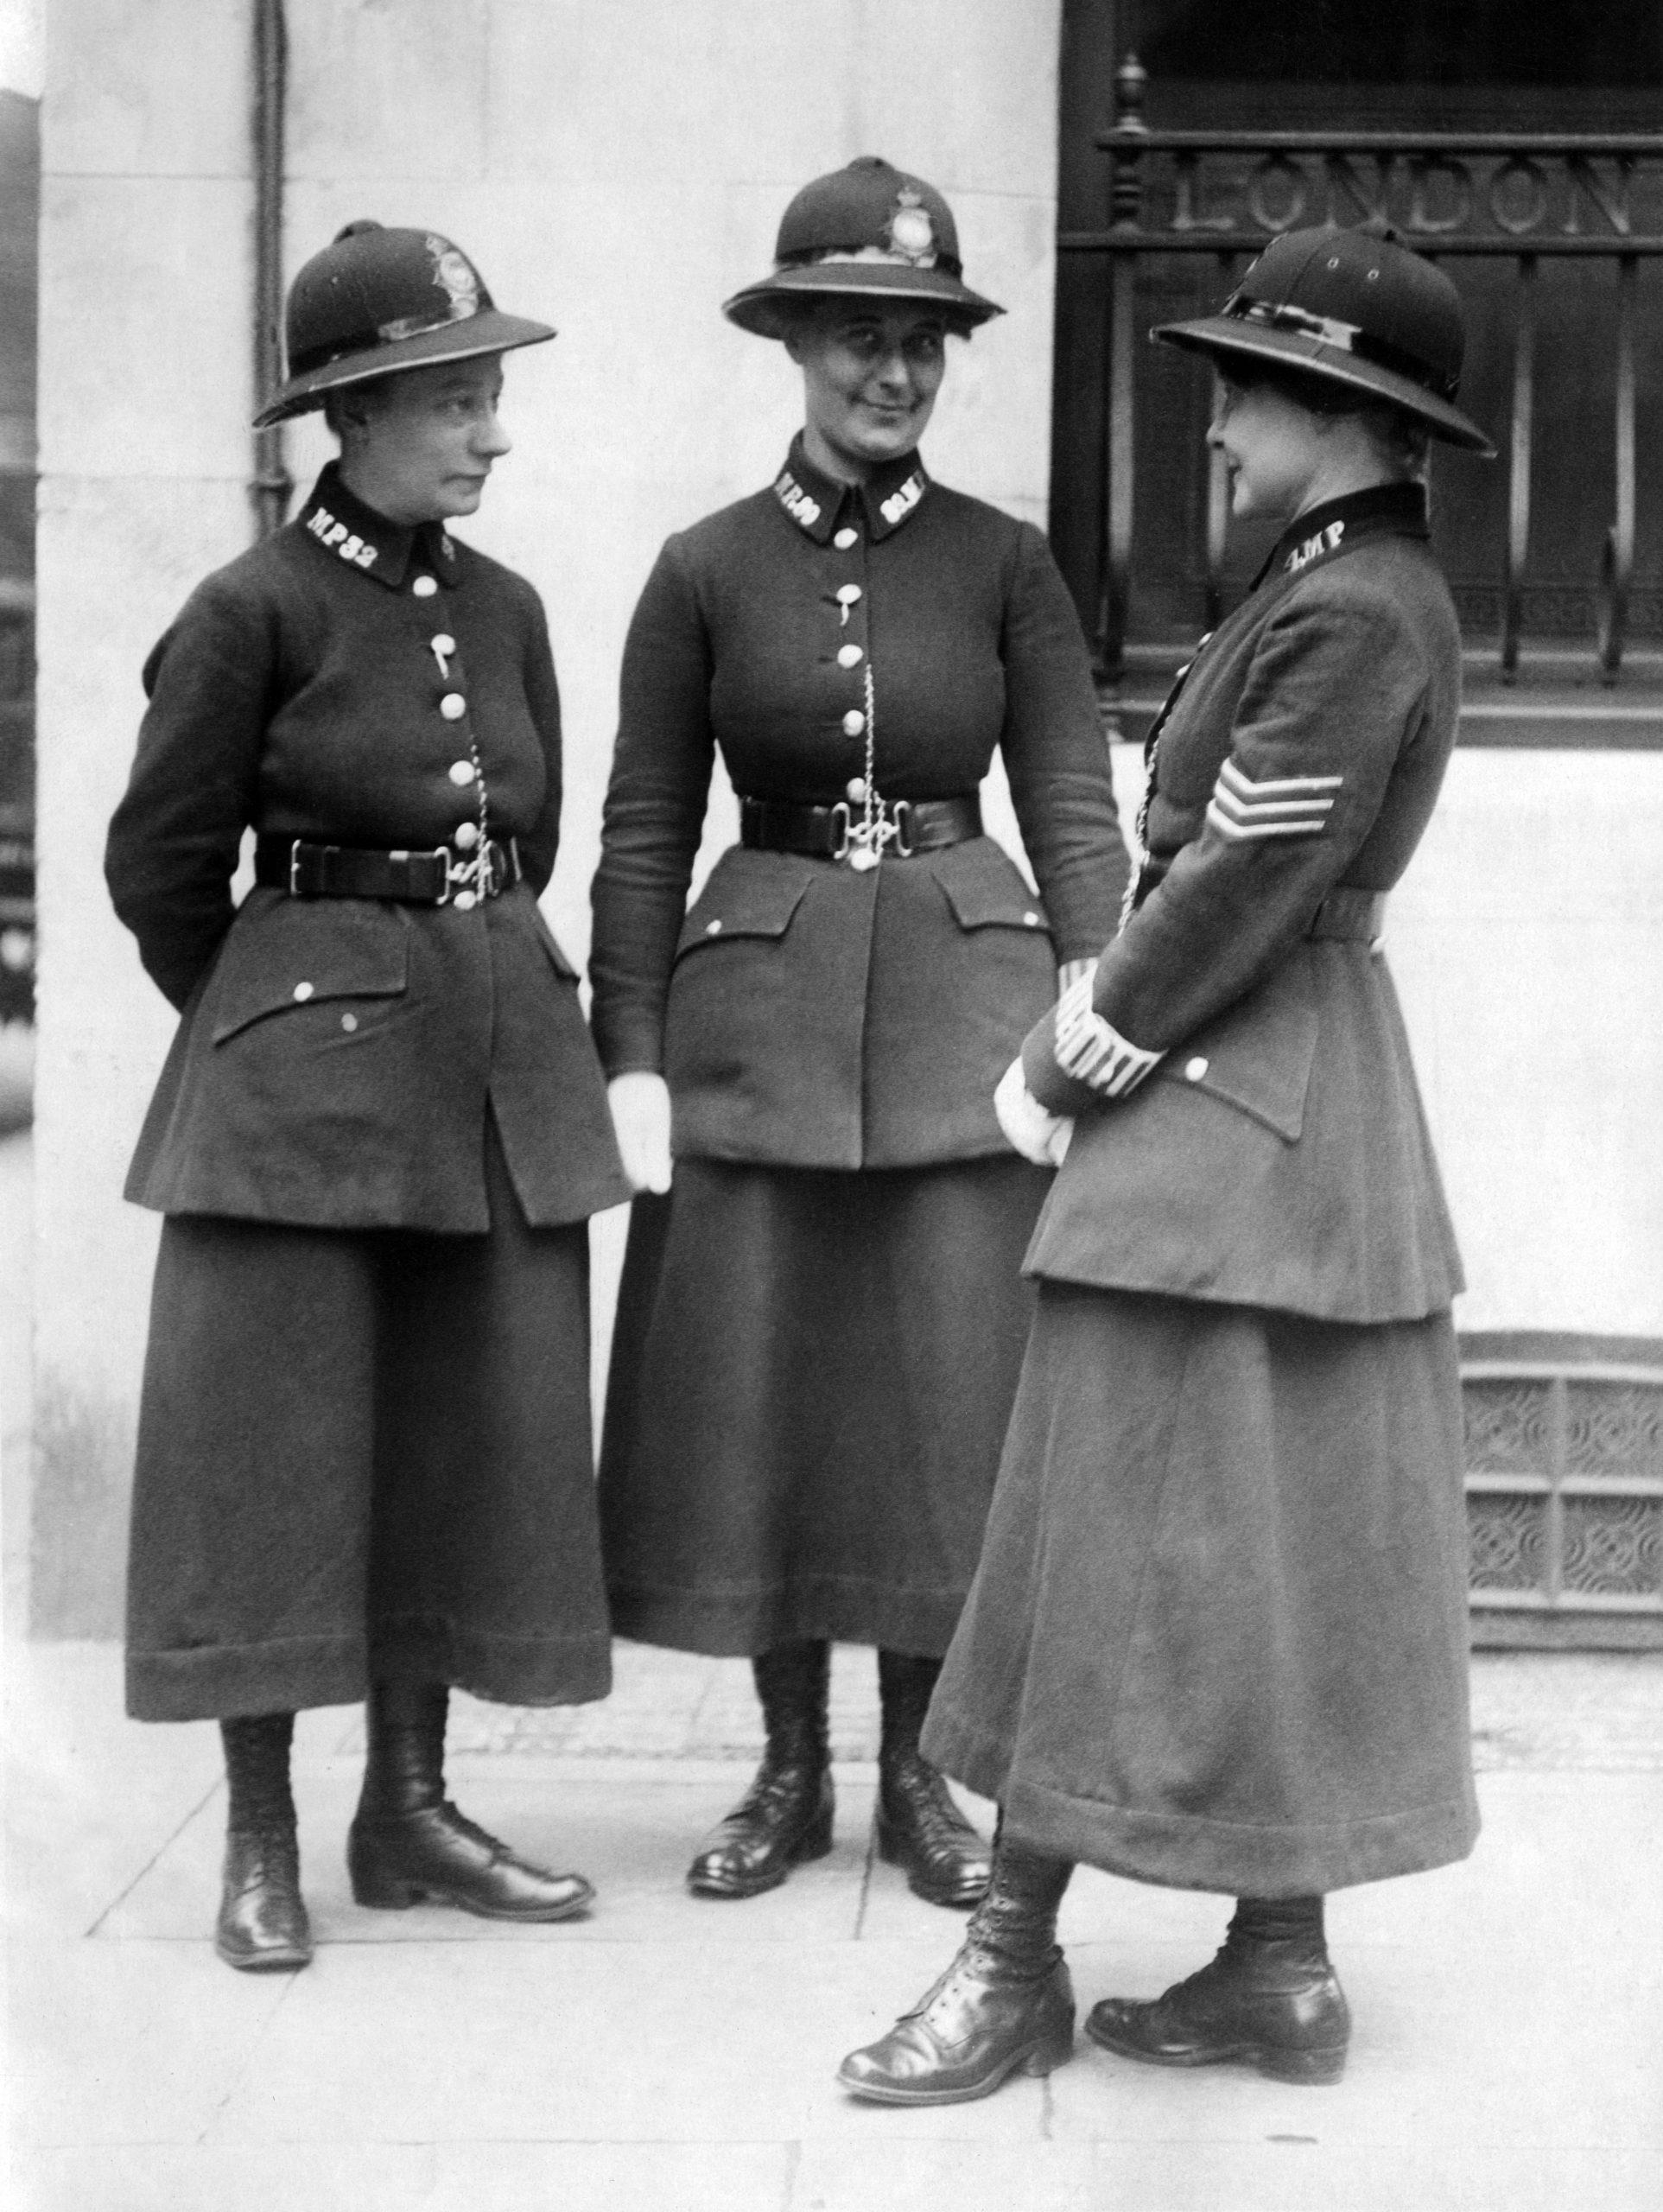 Three police women on duty in London.